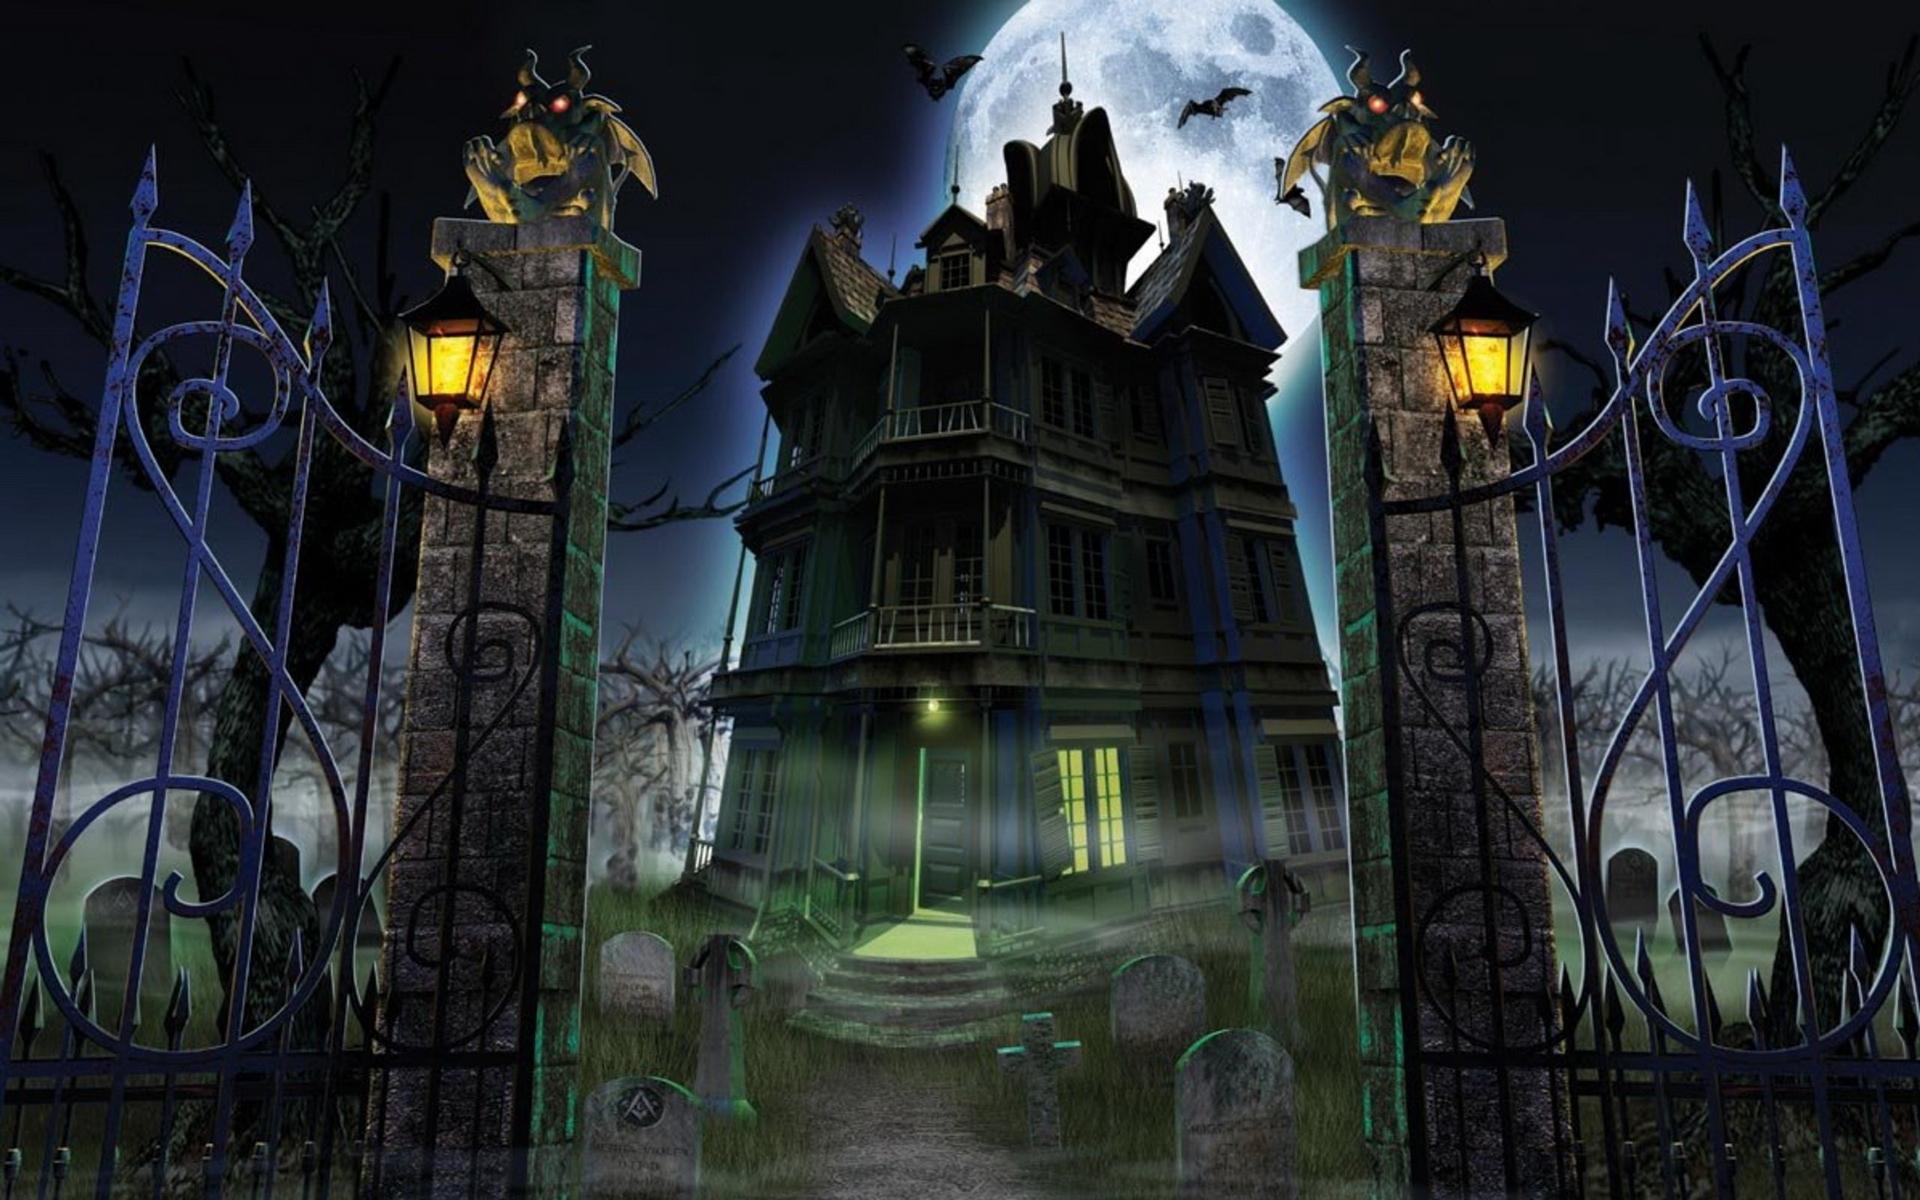 Horror ghost hd hd wallpaper - Ghost wallpapers for desktop hd ...